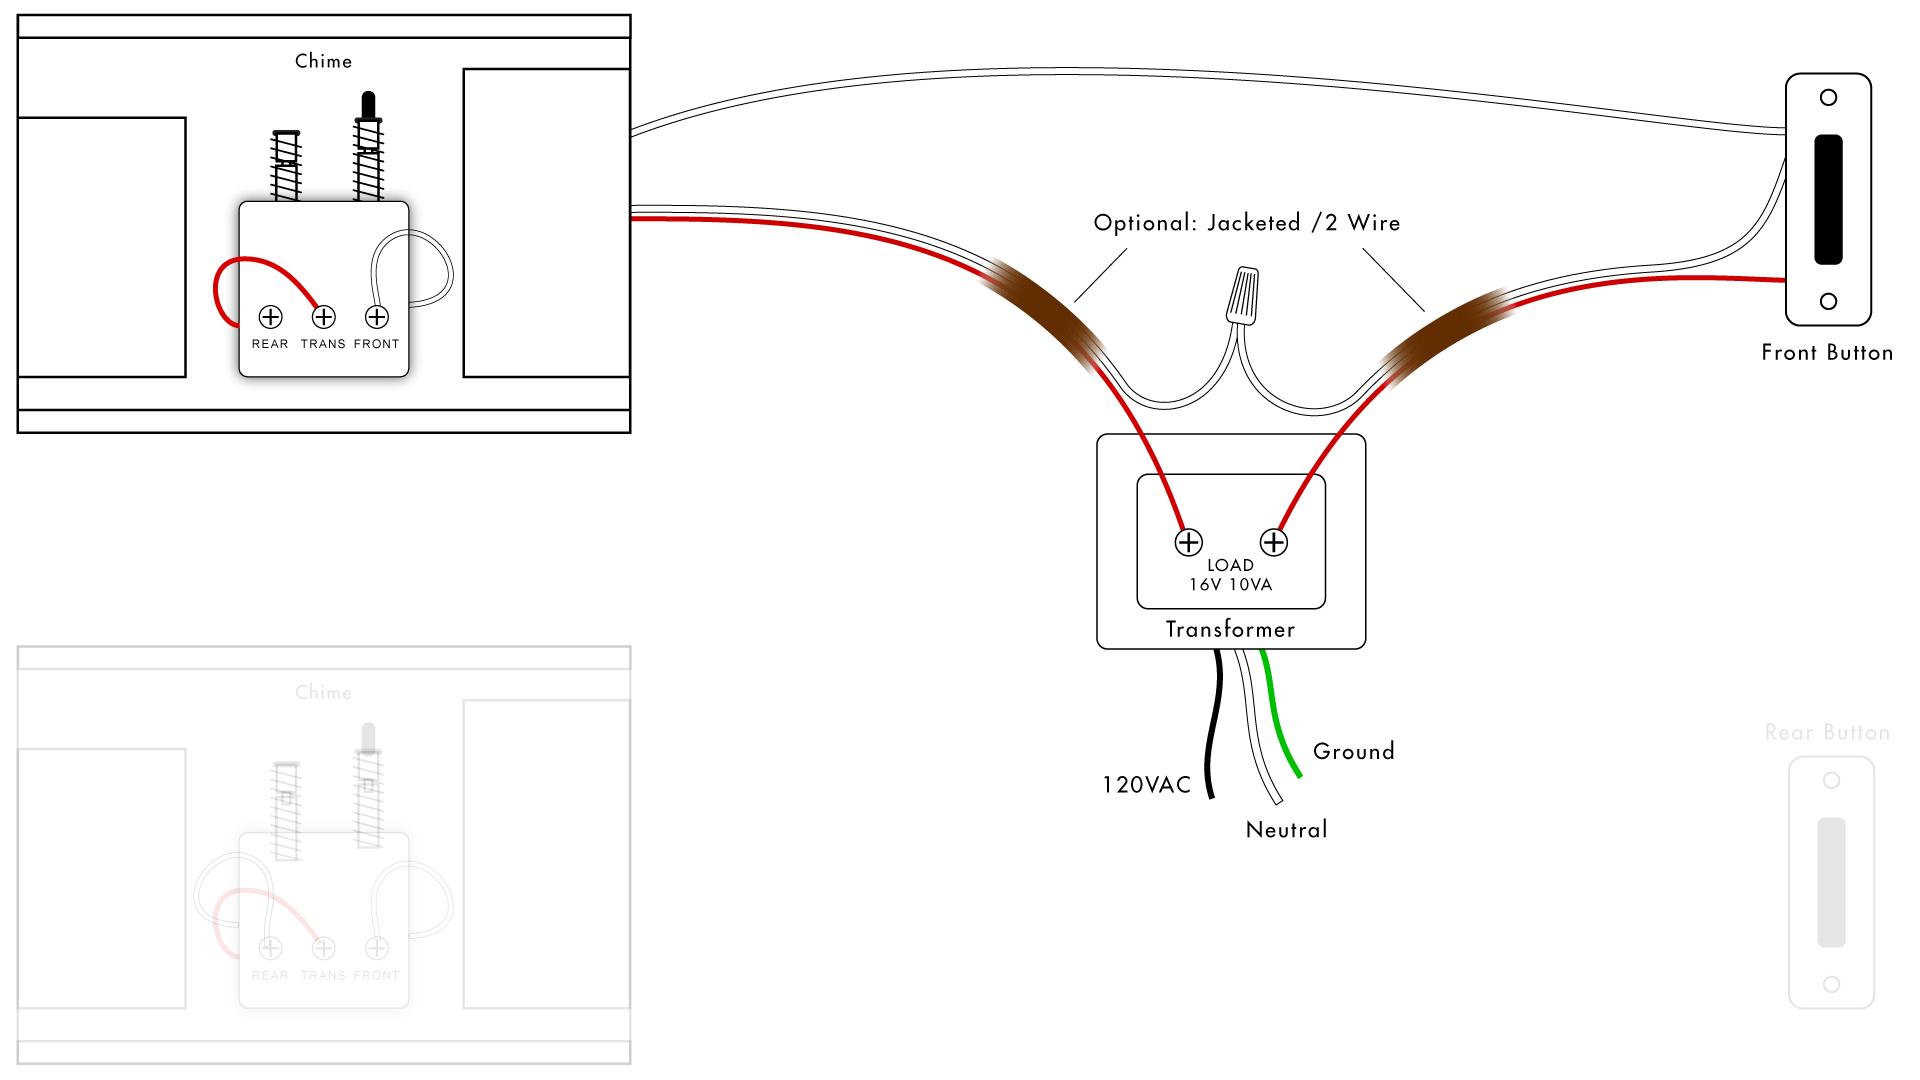 Doorbell Wiring Diagrams | Diy House Help - Nutone Doorbell Wiring Diagram